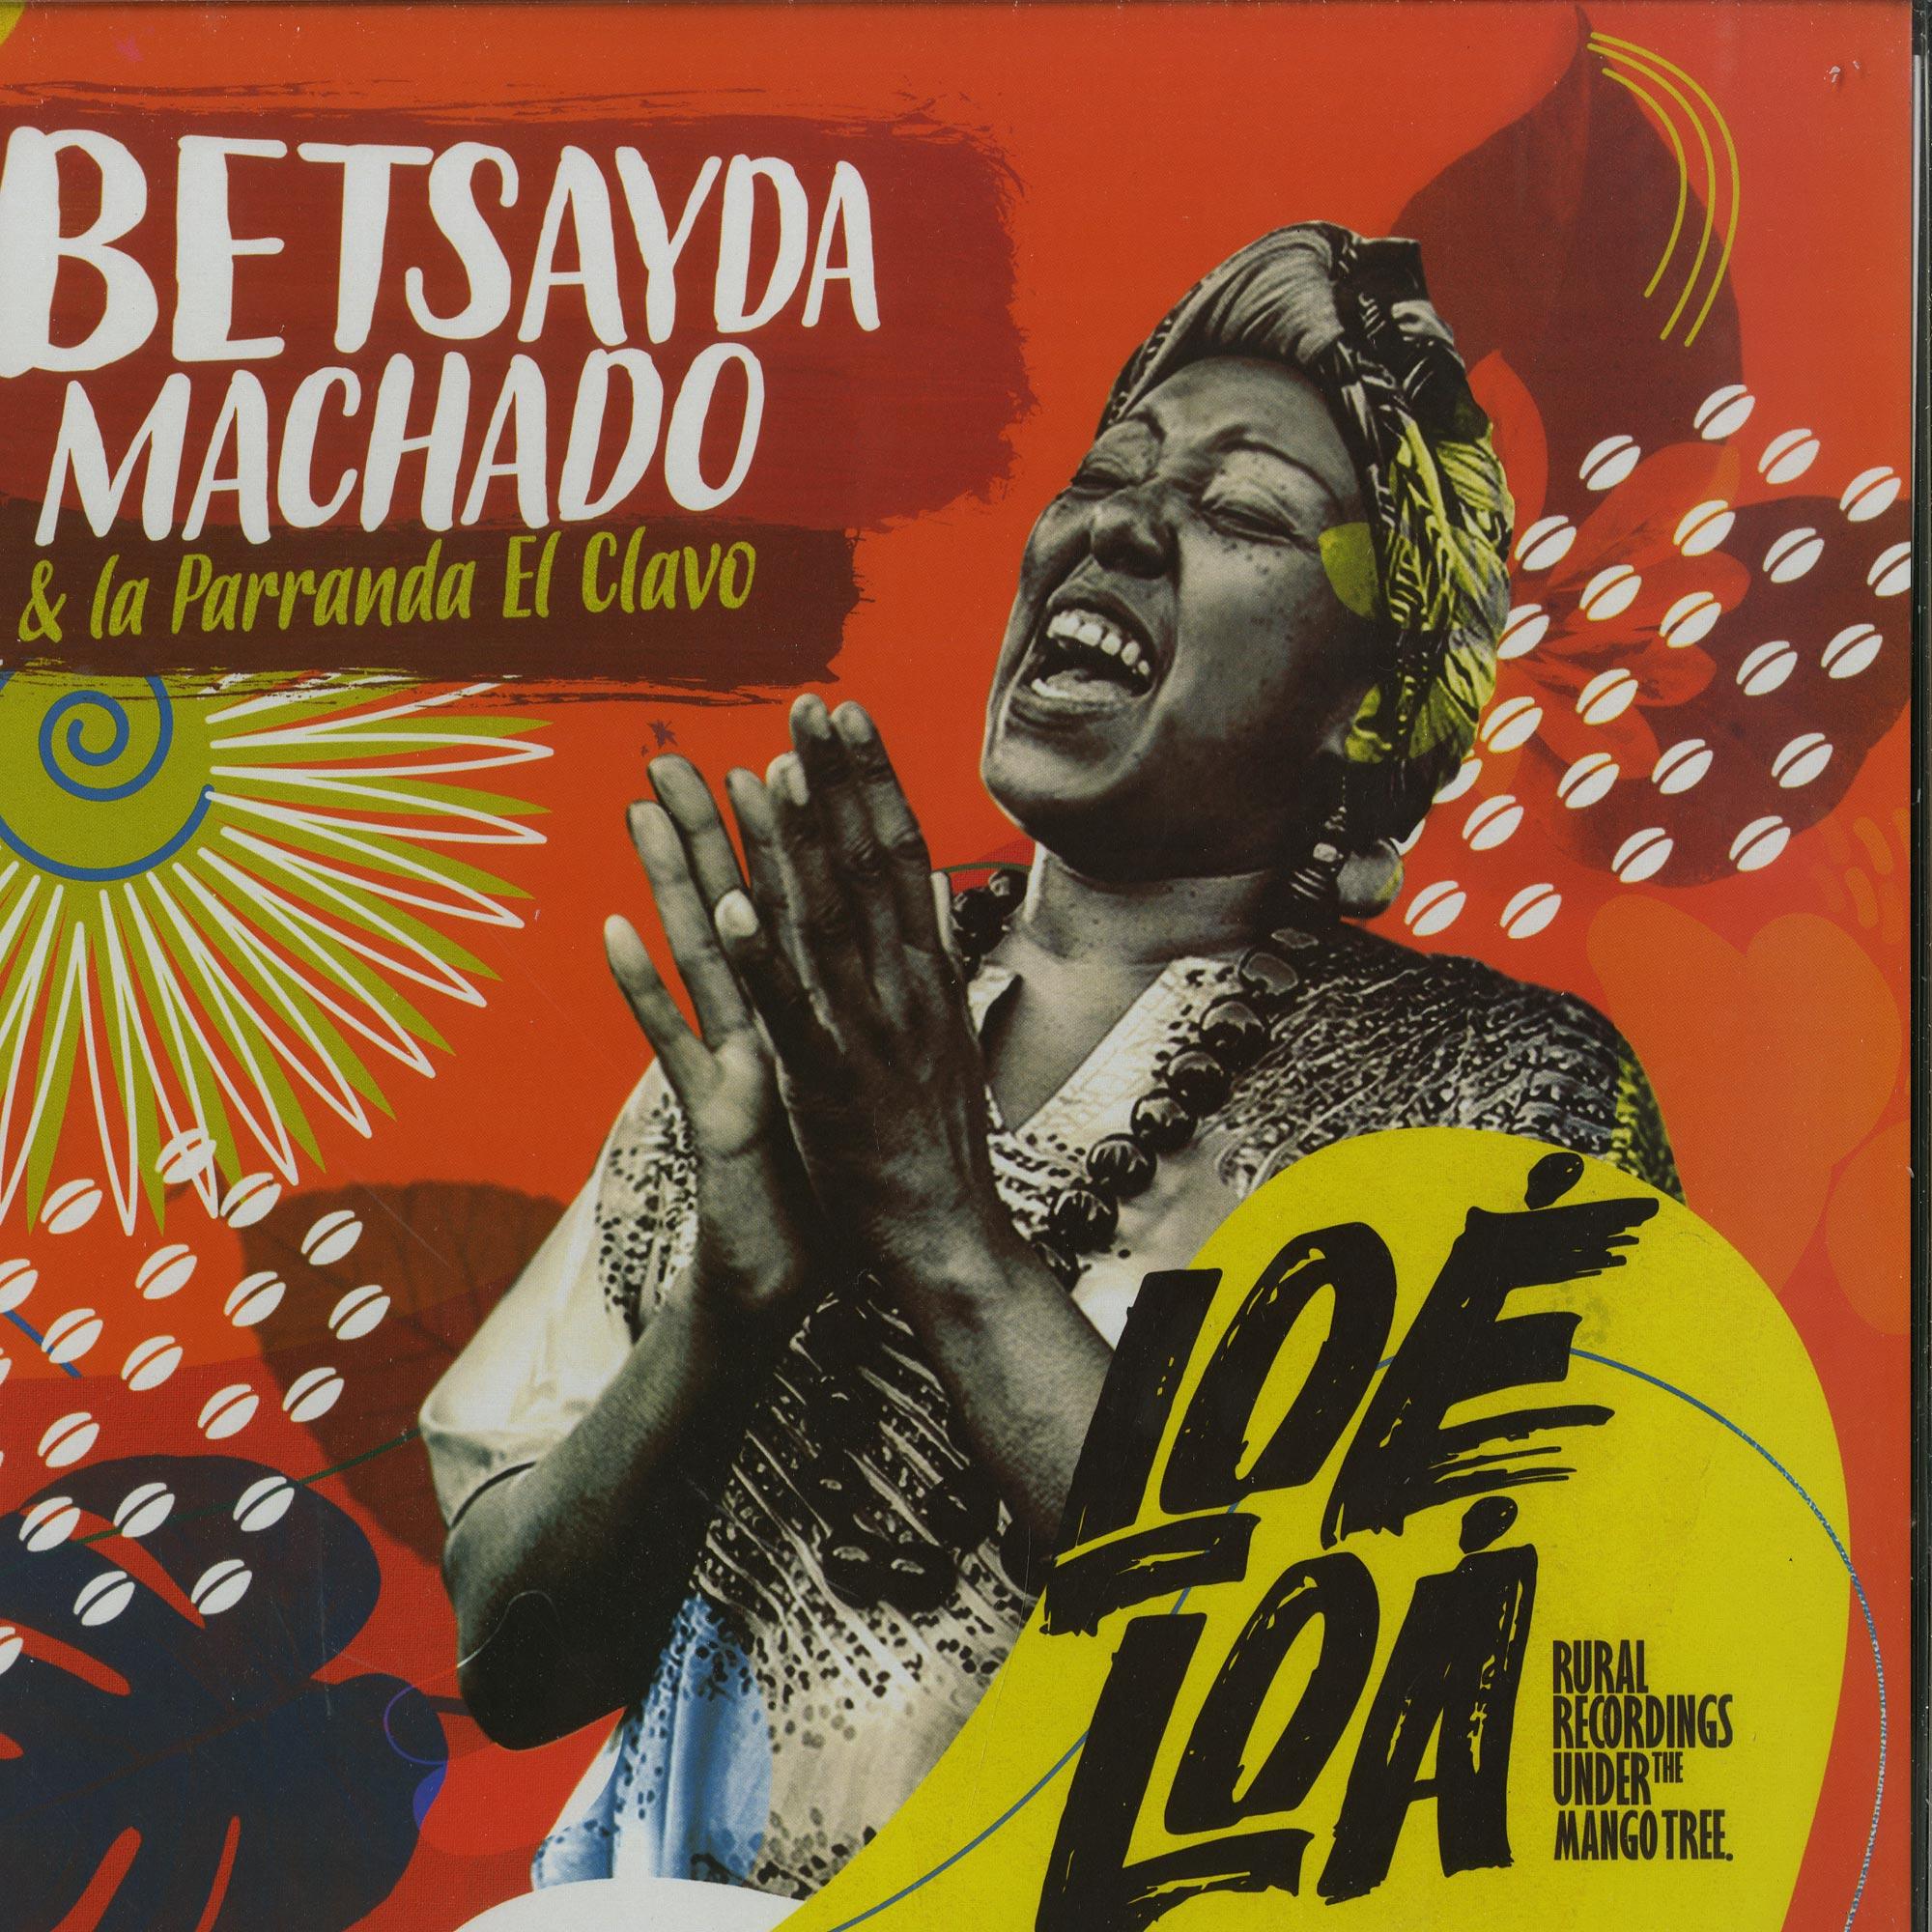 Betsayda Machado & La Parranda El Clavo - LOE LOA - RURAL RECORDINGS UNDER THE MANGO TREE